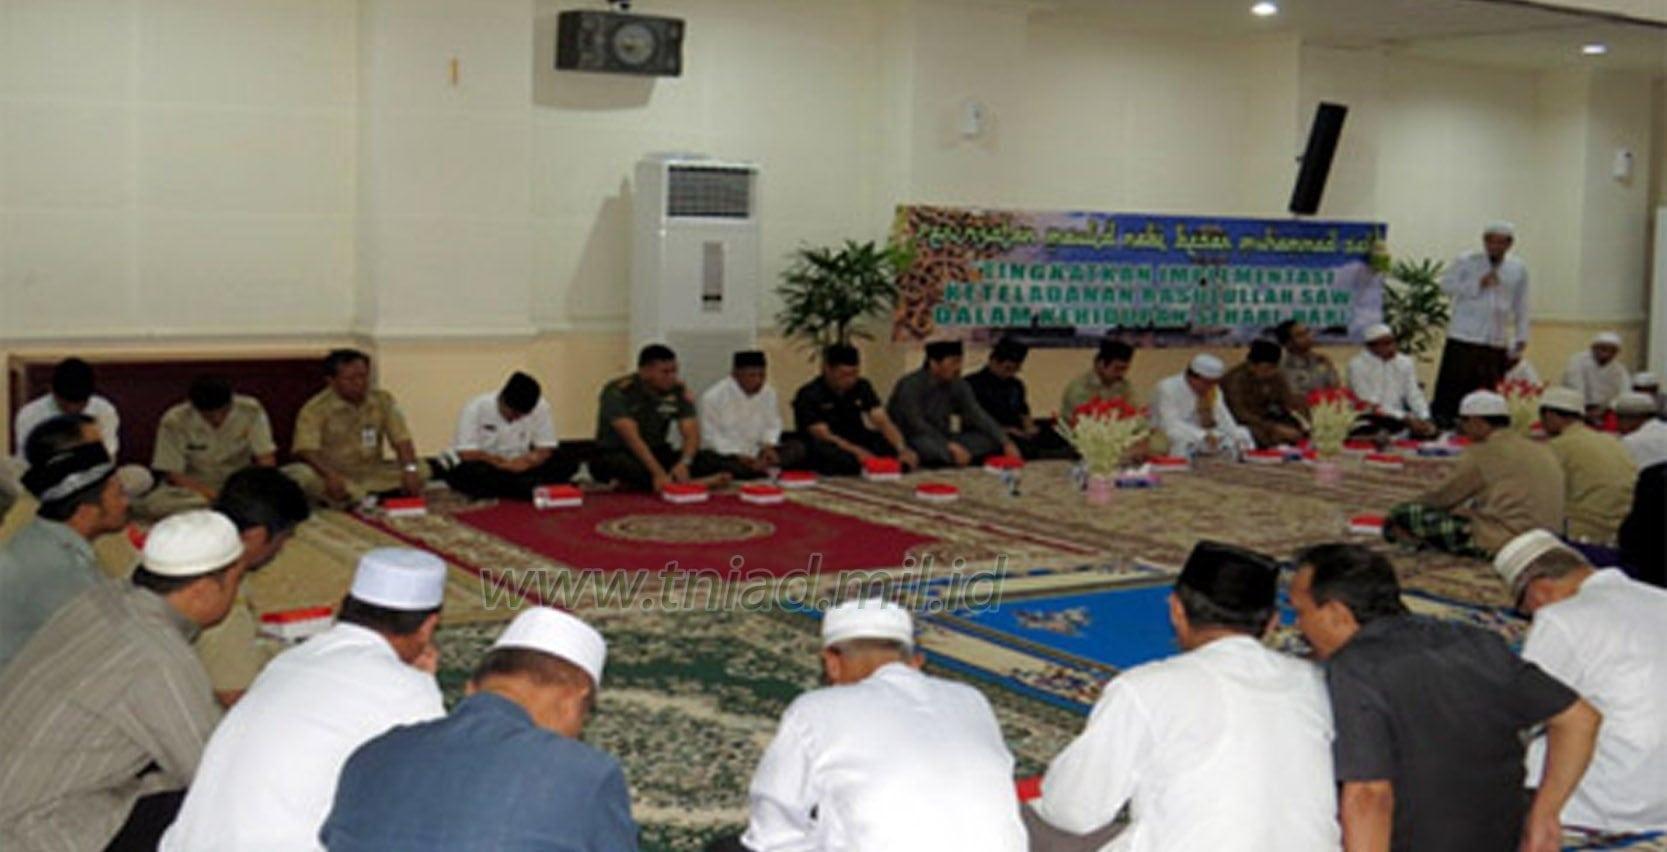 Dandim 1006-MTP Hadiri Maulid Nabi Muhammad SAW